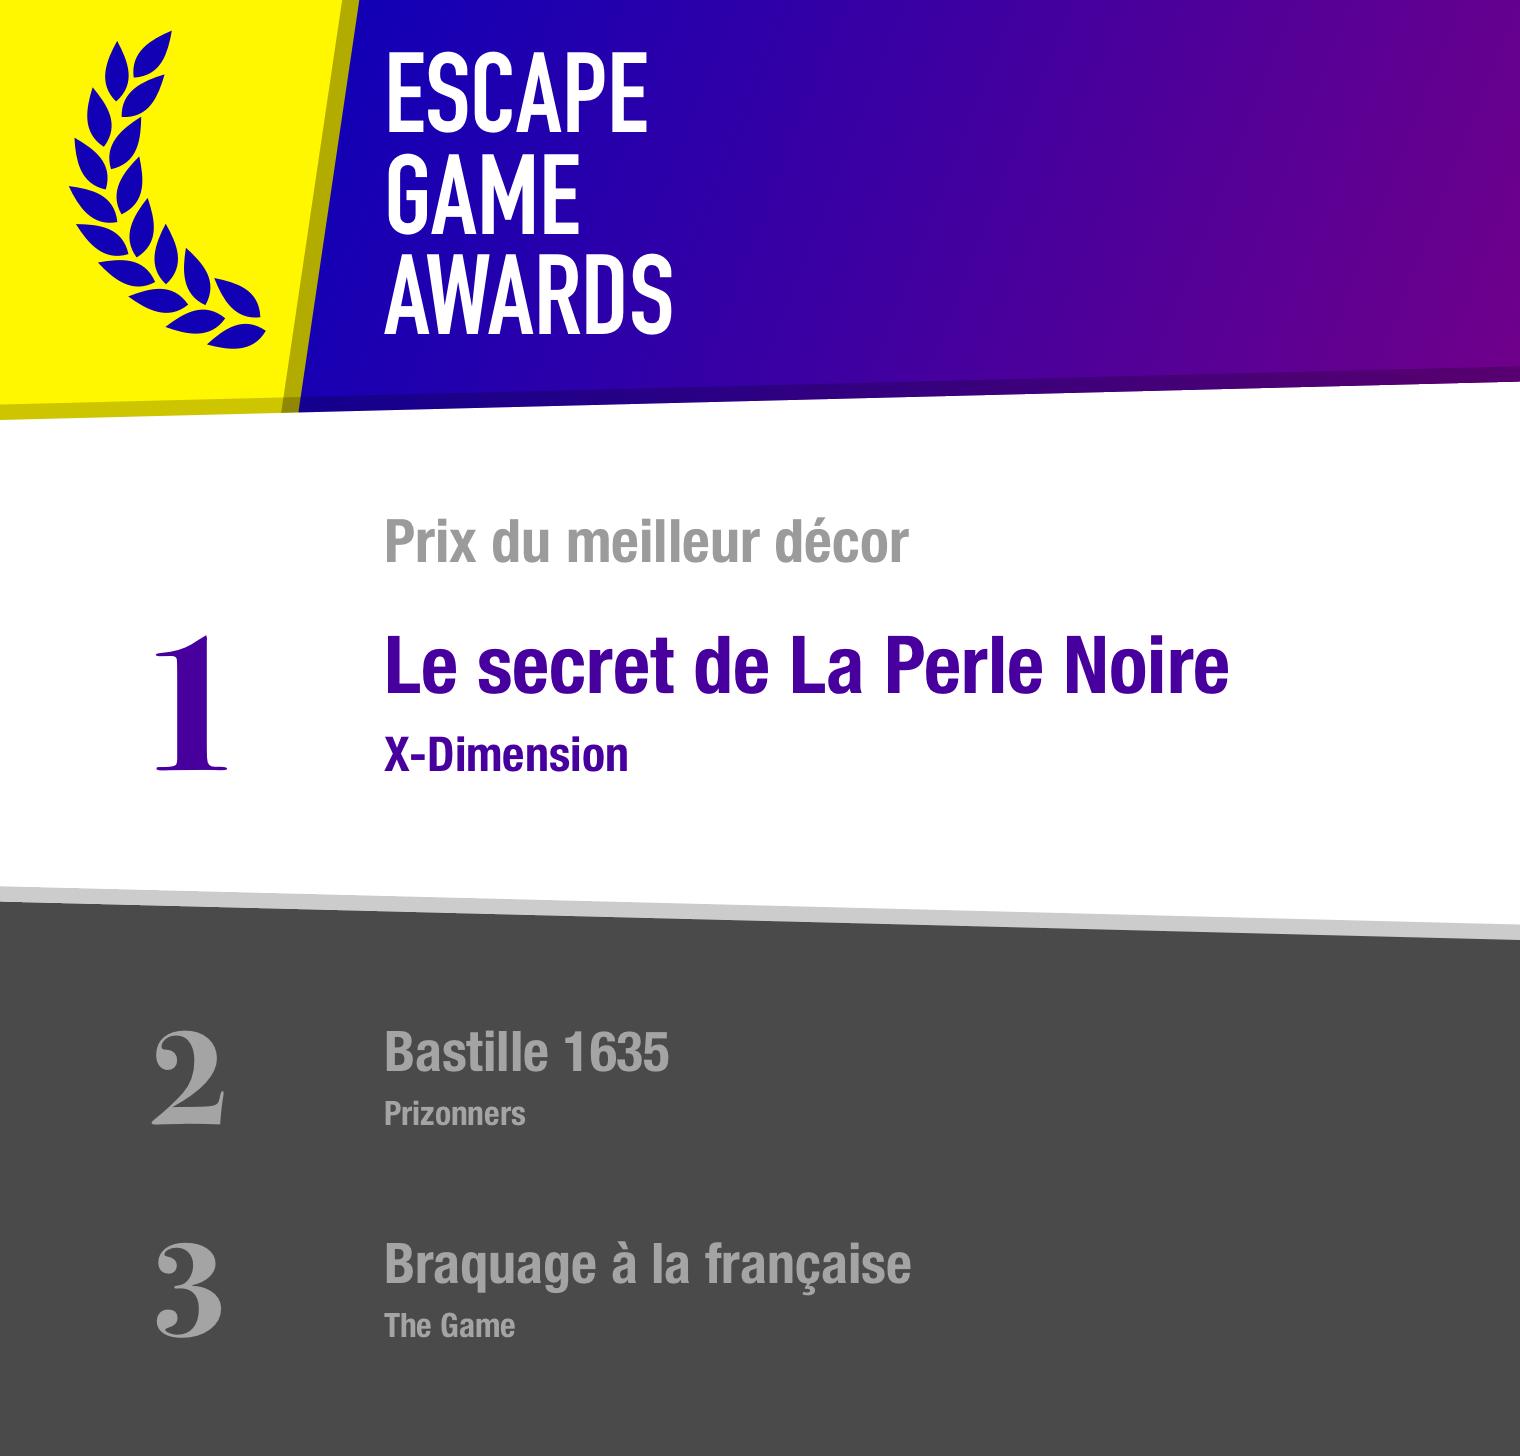 Escape Game Awards - Meilleure décor - Le secret de la Perle Noire - X-Dimension